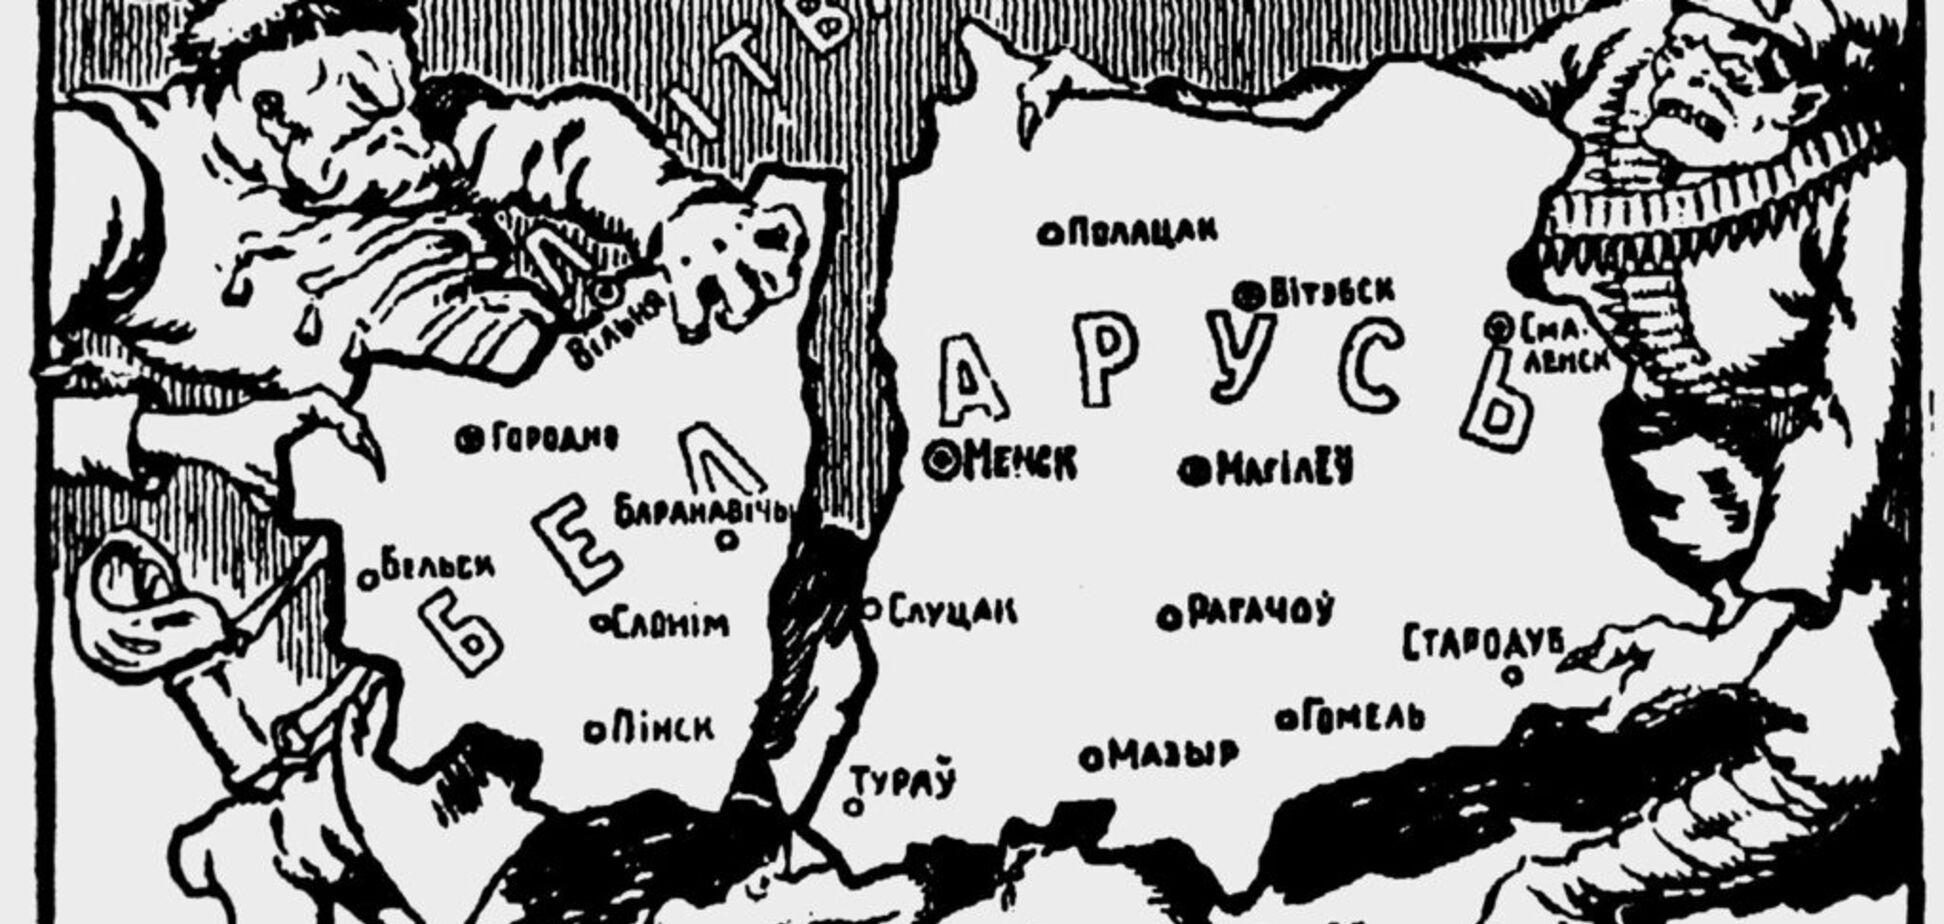 Названия 'Белоруссия' не существует